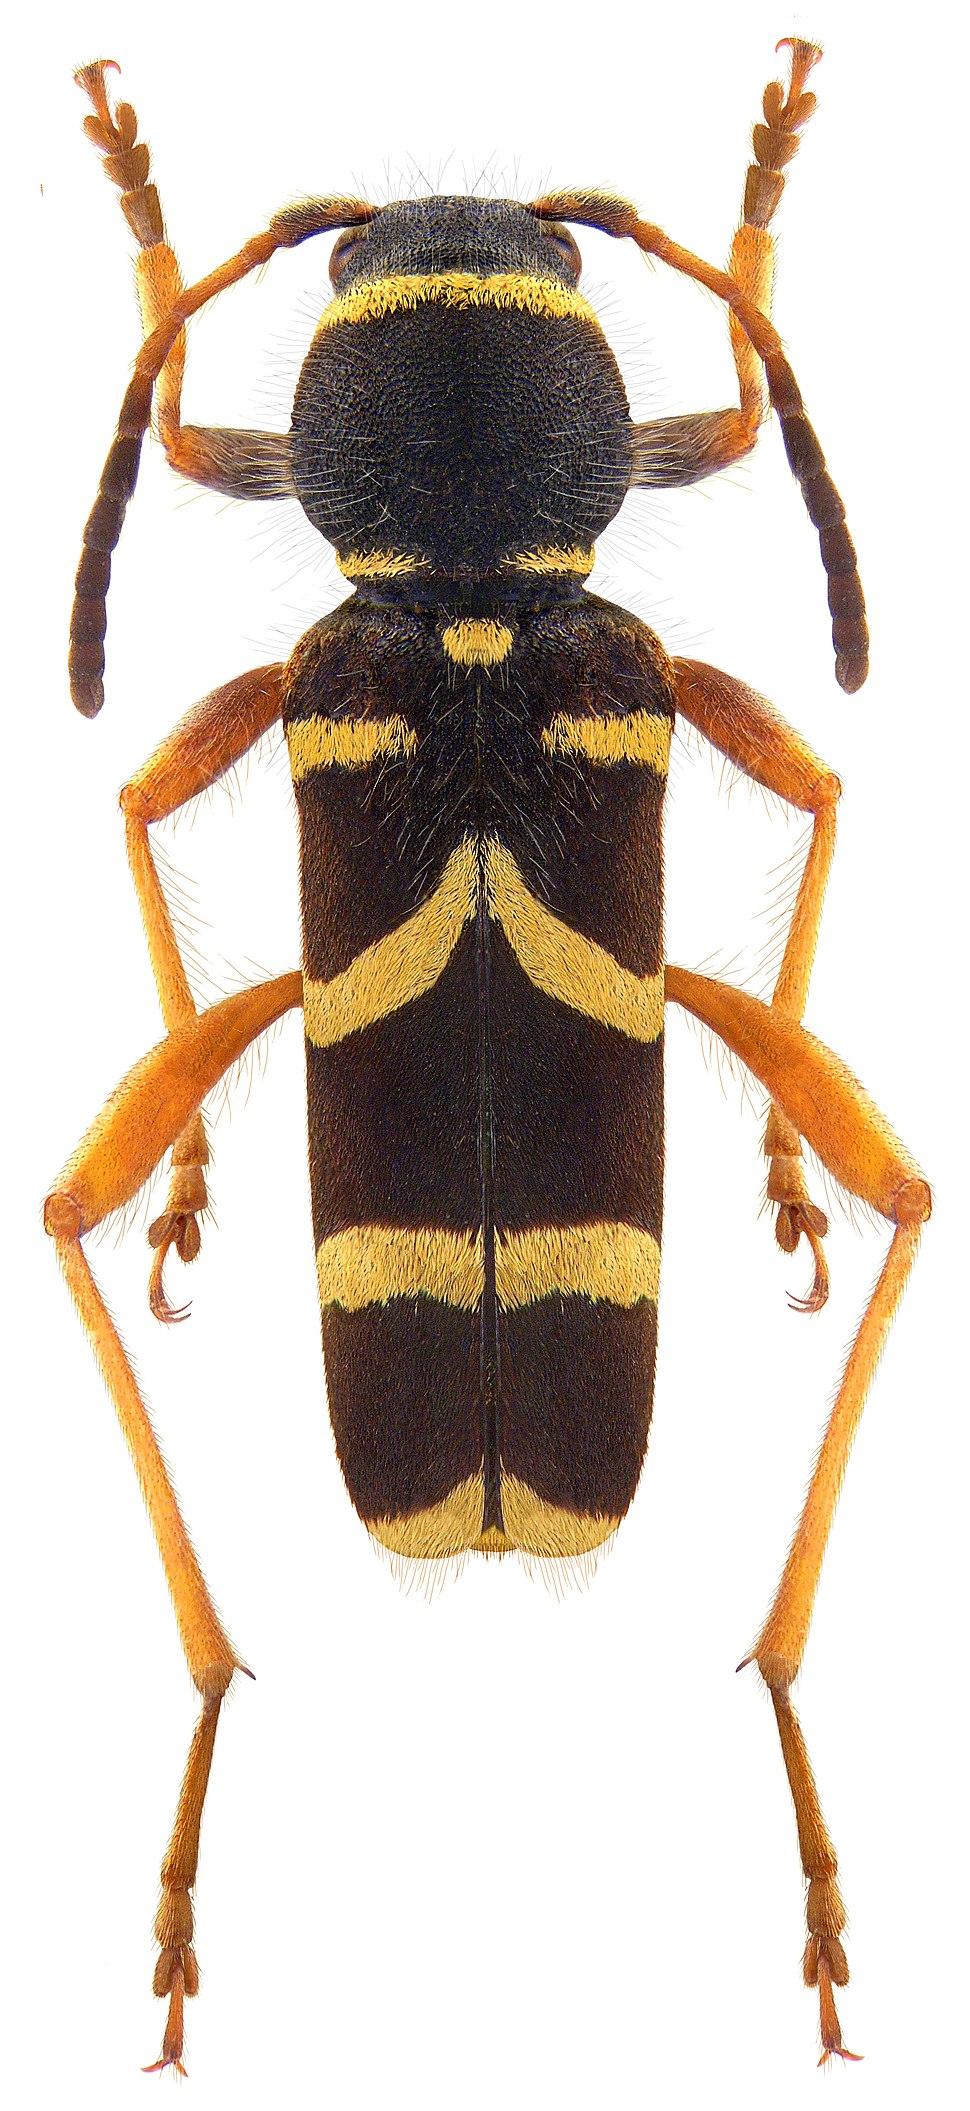 Clytus arietis (Linné, 1758) (3989861203)